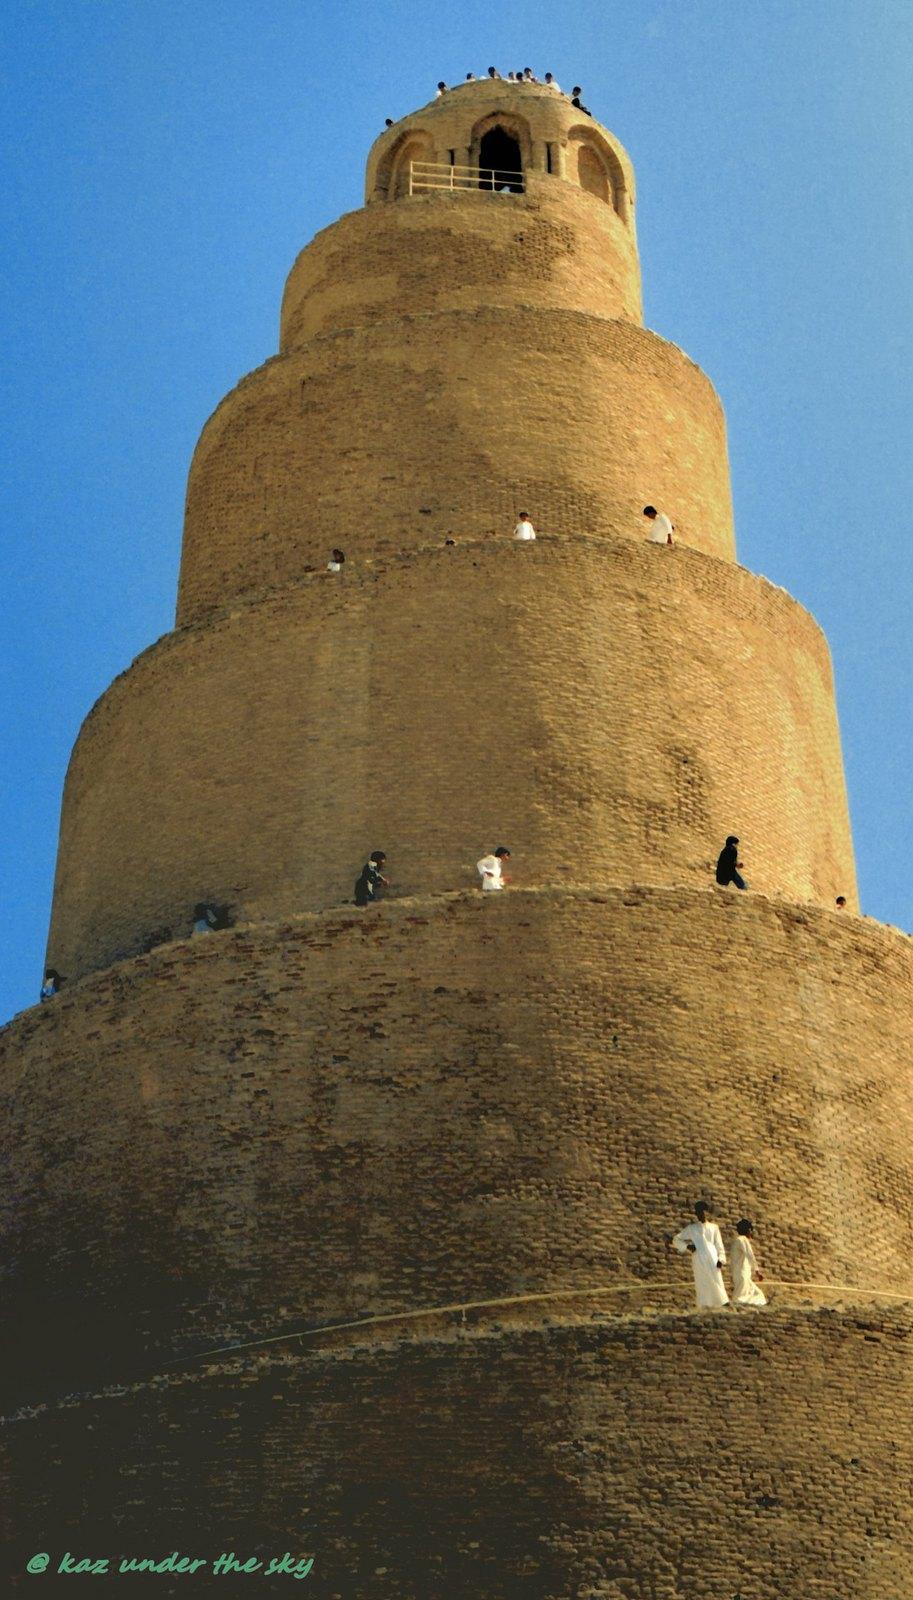 The Minaret of al-Malwiya